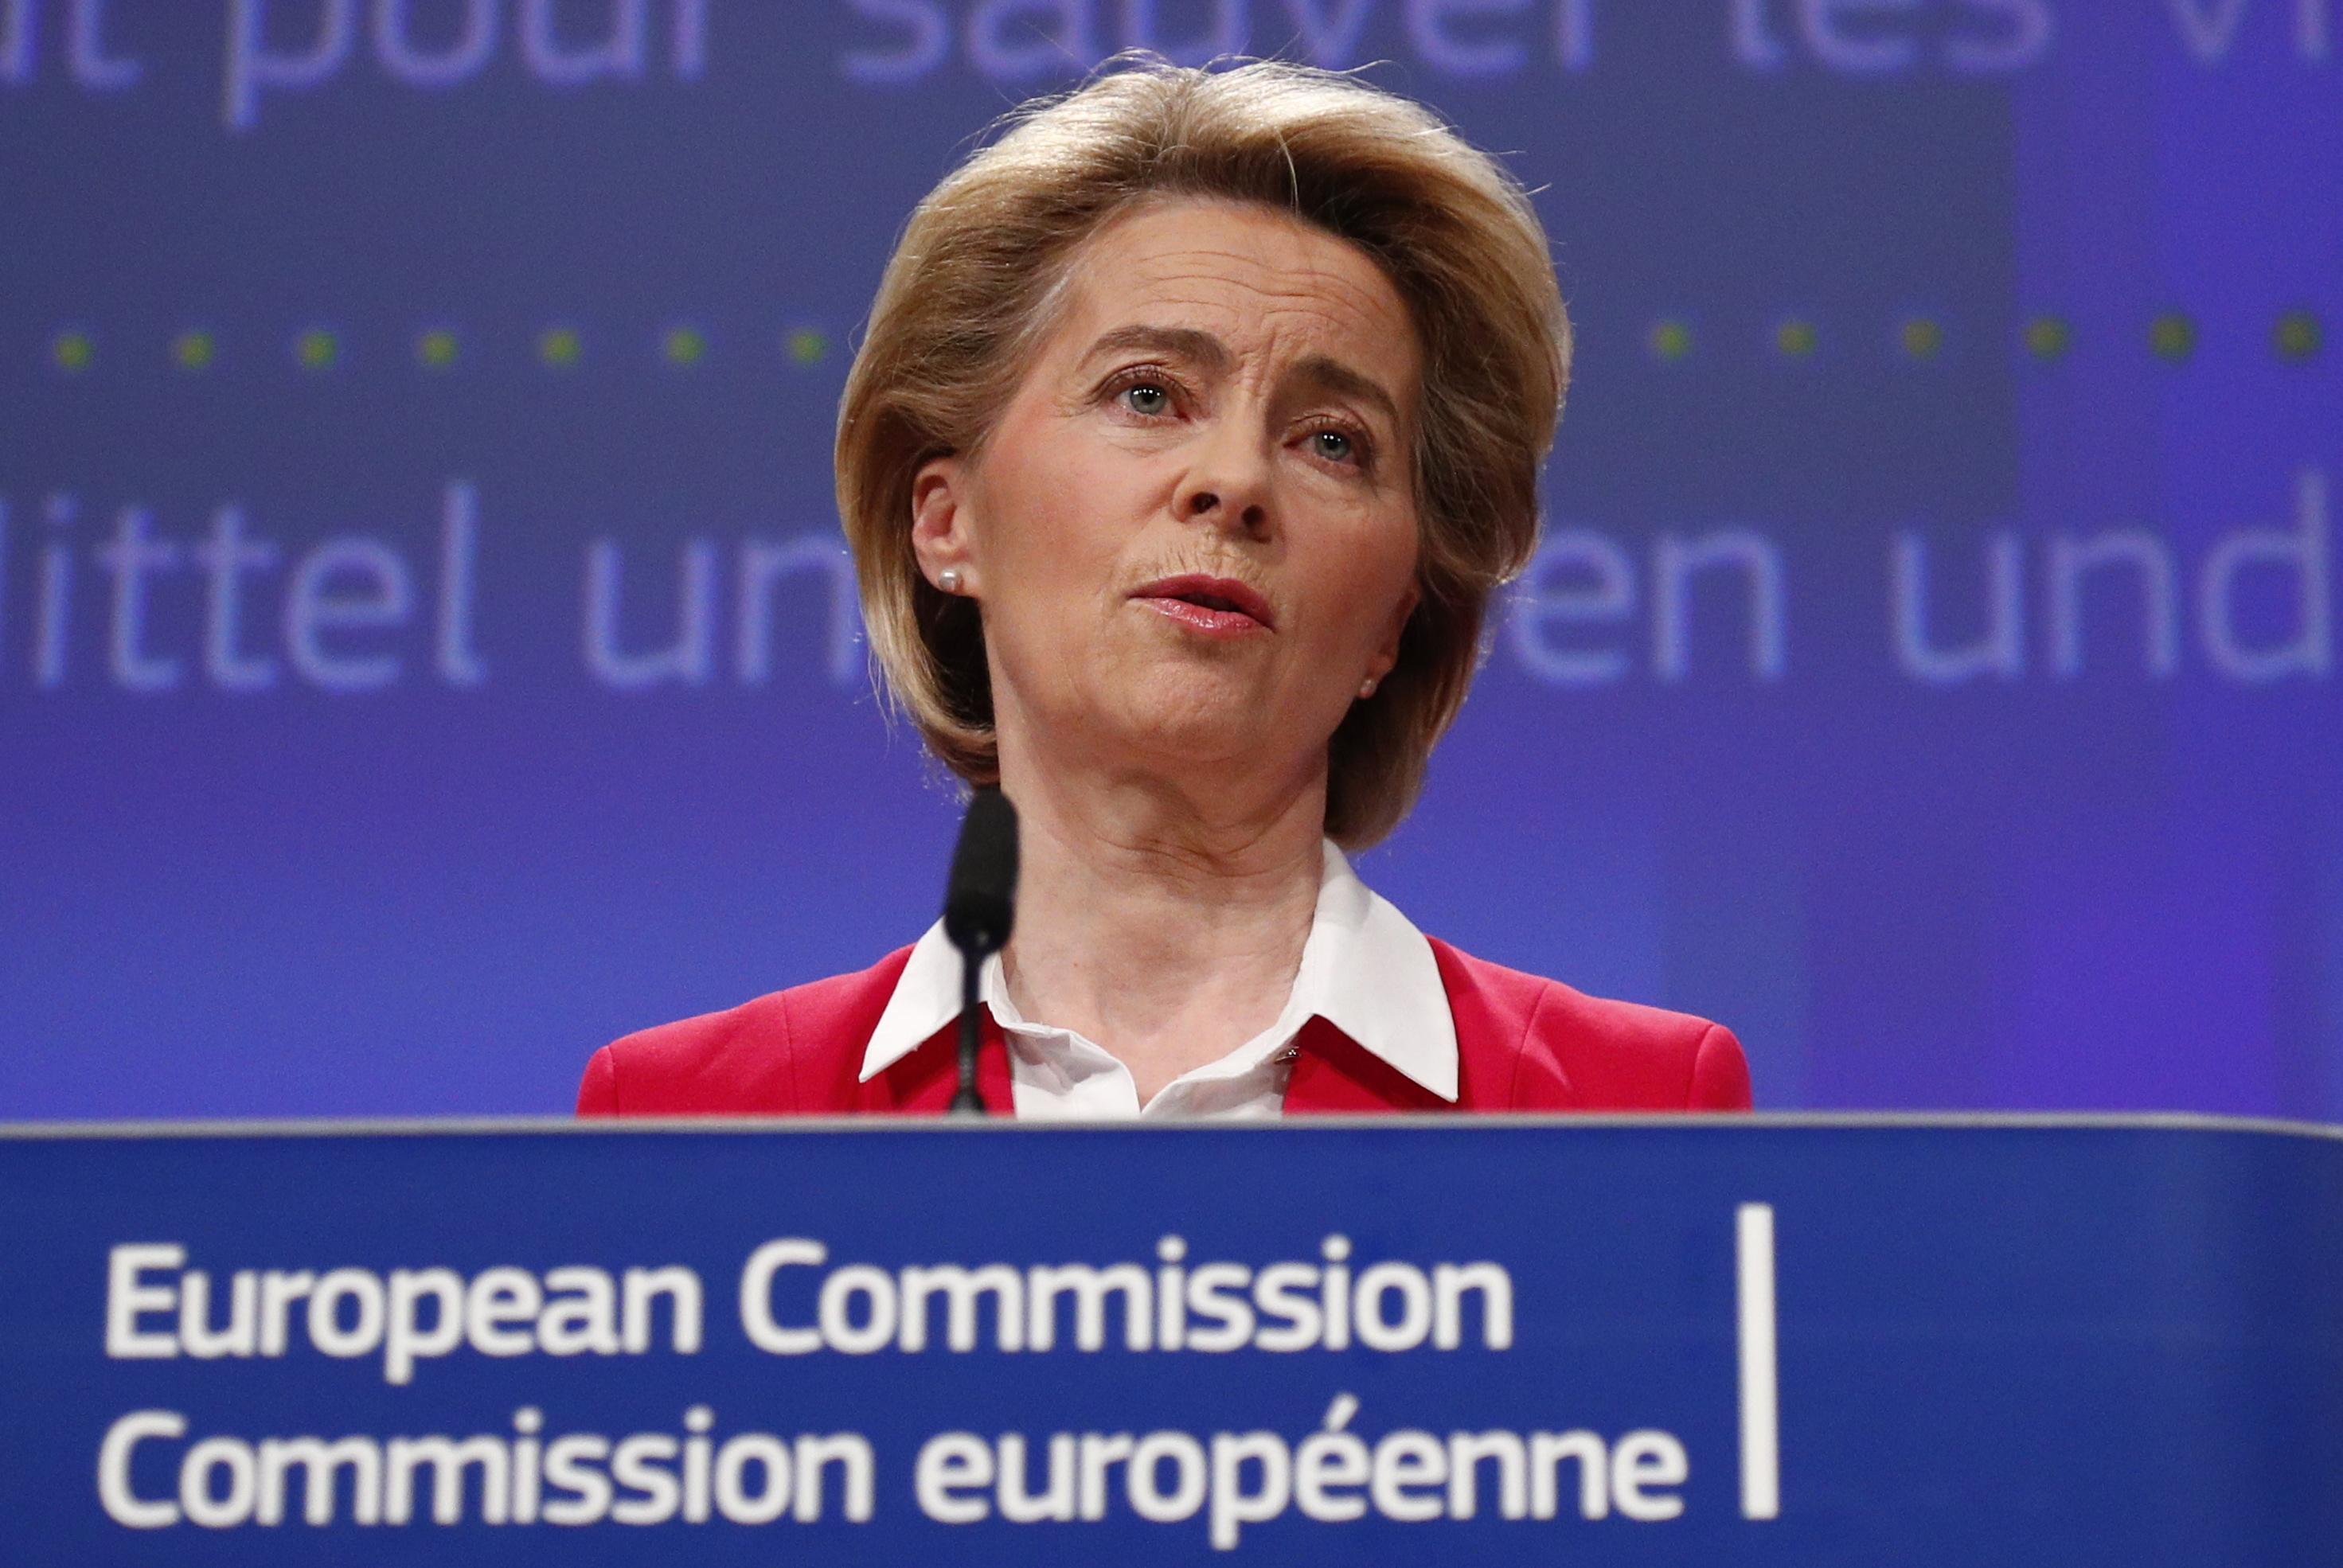 UE mobiliza 15 mil ME para ajudar África e outros parceiros